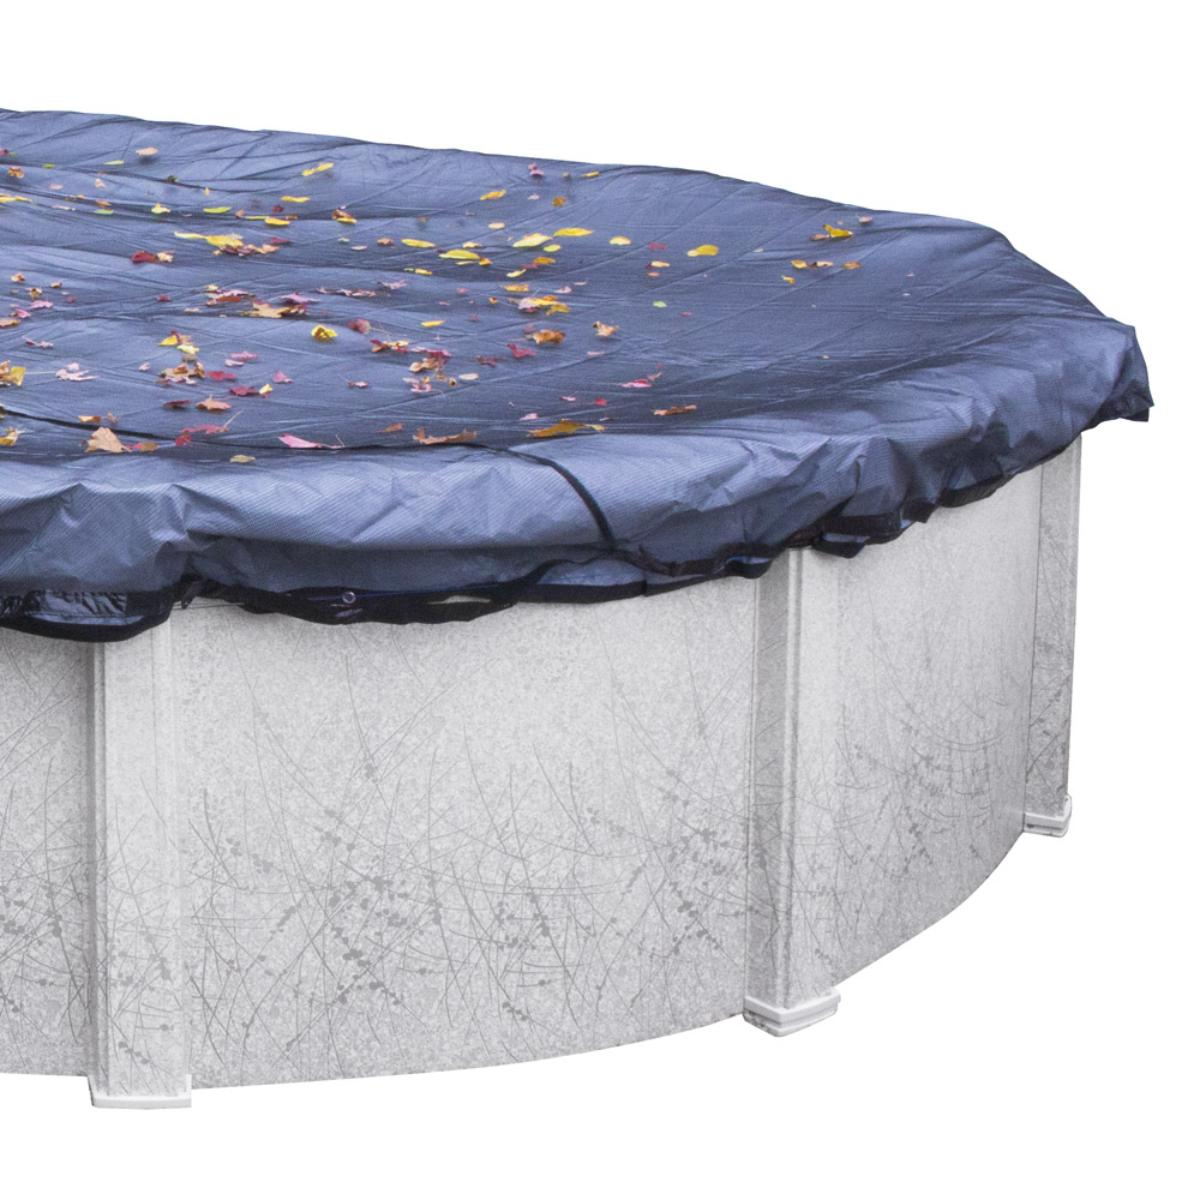 30 Round Premium Charcoal Pool Cover Splash Super Center